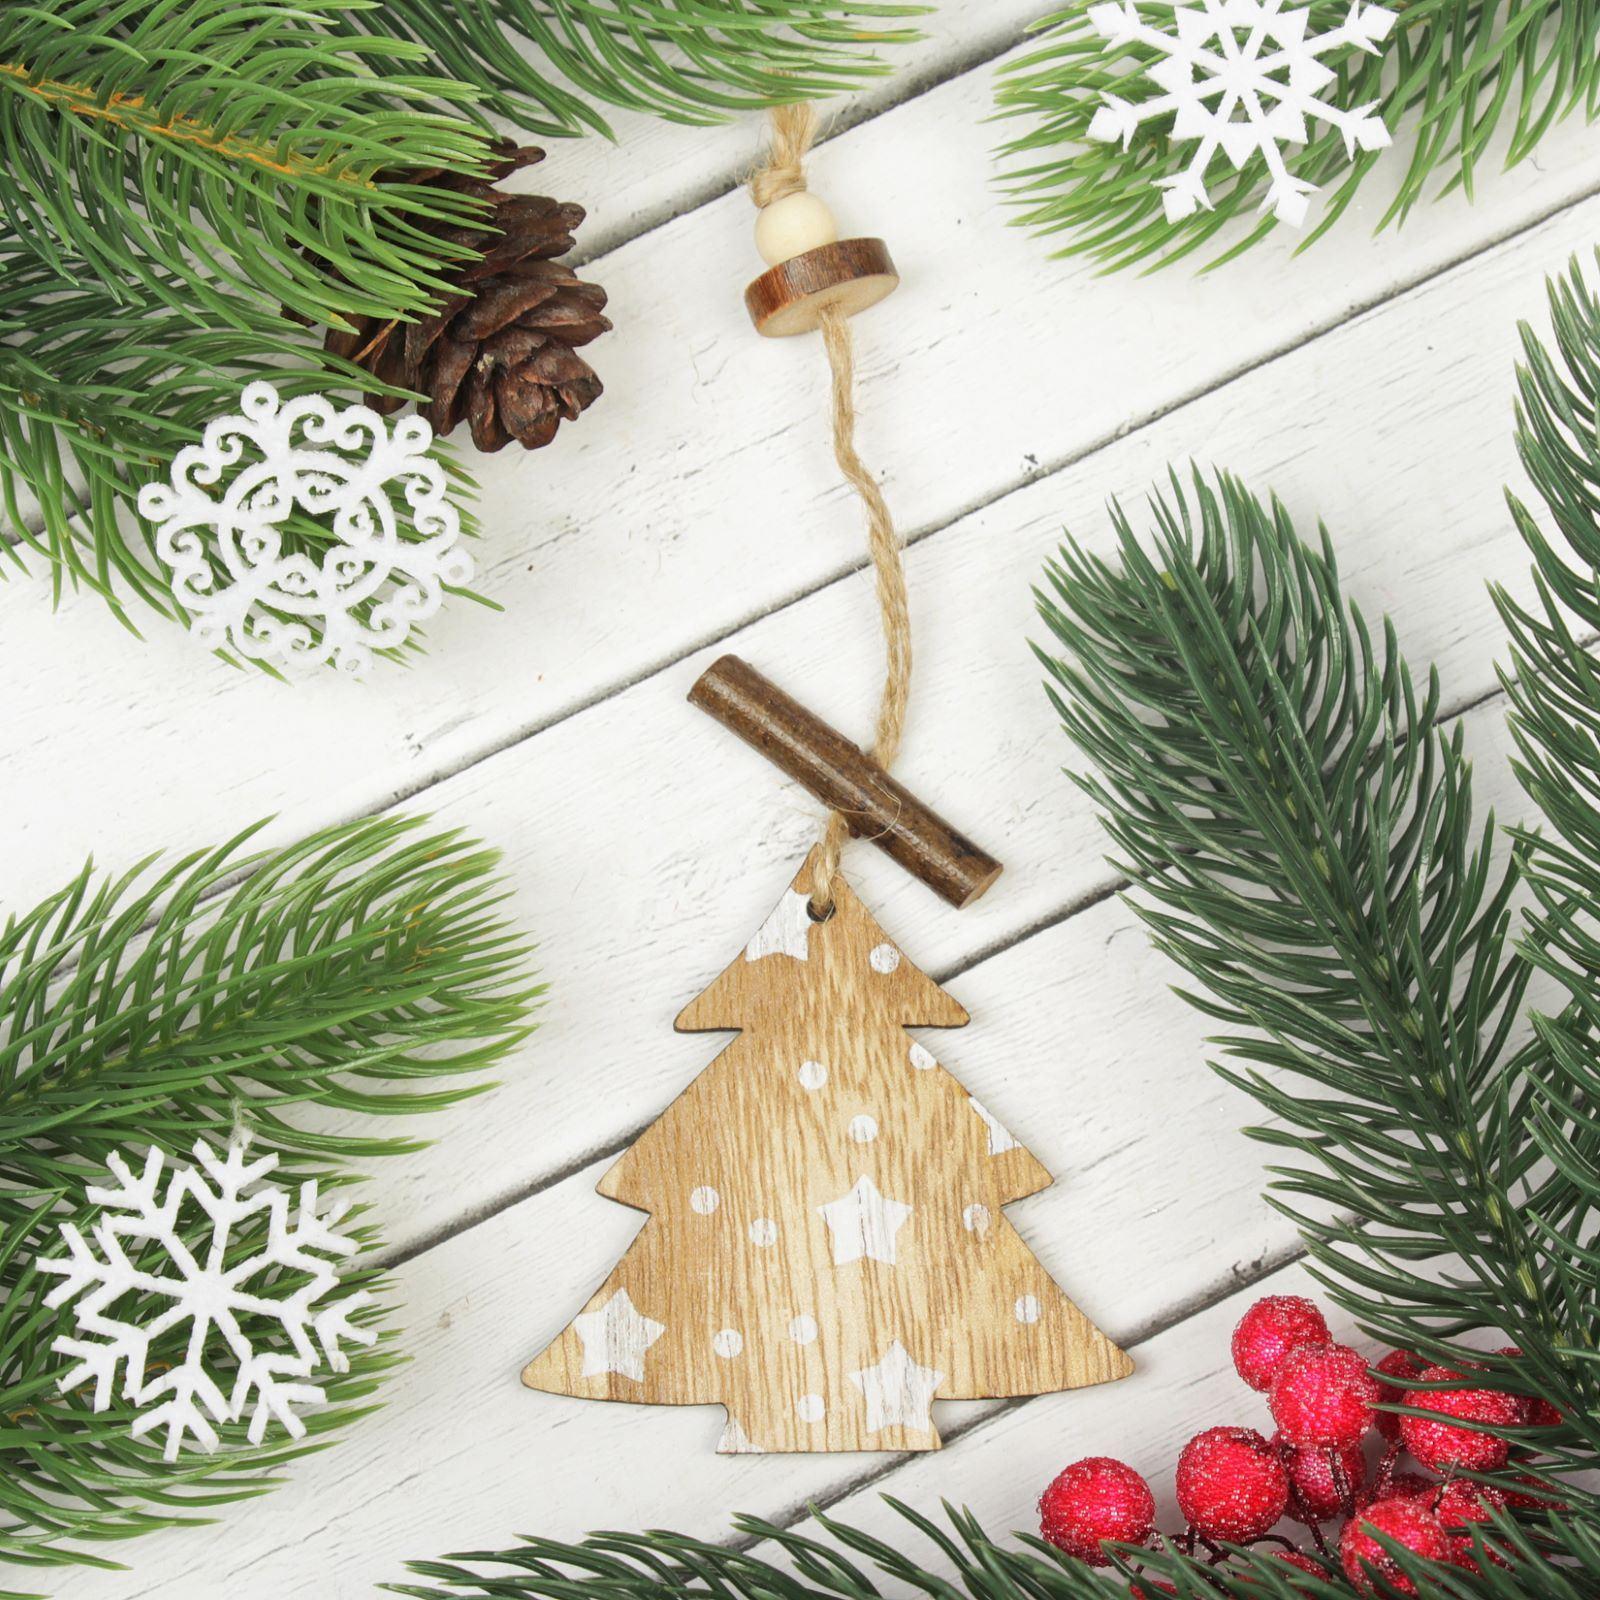 Украшение новогоднее подвесное Елочка со звездами2303247Новогоднее подвесное украшение, выполненное из дерева, отлично подойдет для декорации вашего дома и новогодней ели. С помощью специальной петельки украшение можно повесить в любом понравившемся вам месте. Но, конечно, удачнее всего оно будет смотреться на праздничной елке.Елочная игрушка - символ Нового года. Она несет в себе волшебство и красоту праздника. Такое украшение создаст в вашем доме атмосферу праздника, веселья и радости.